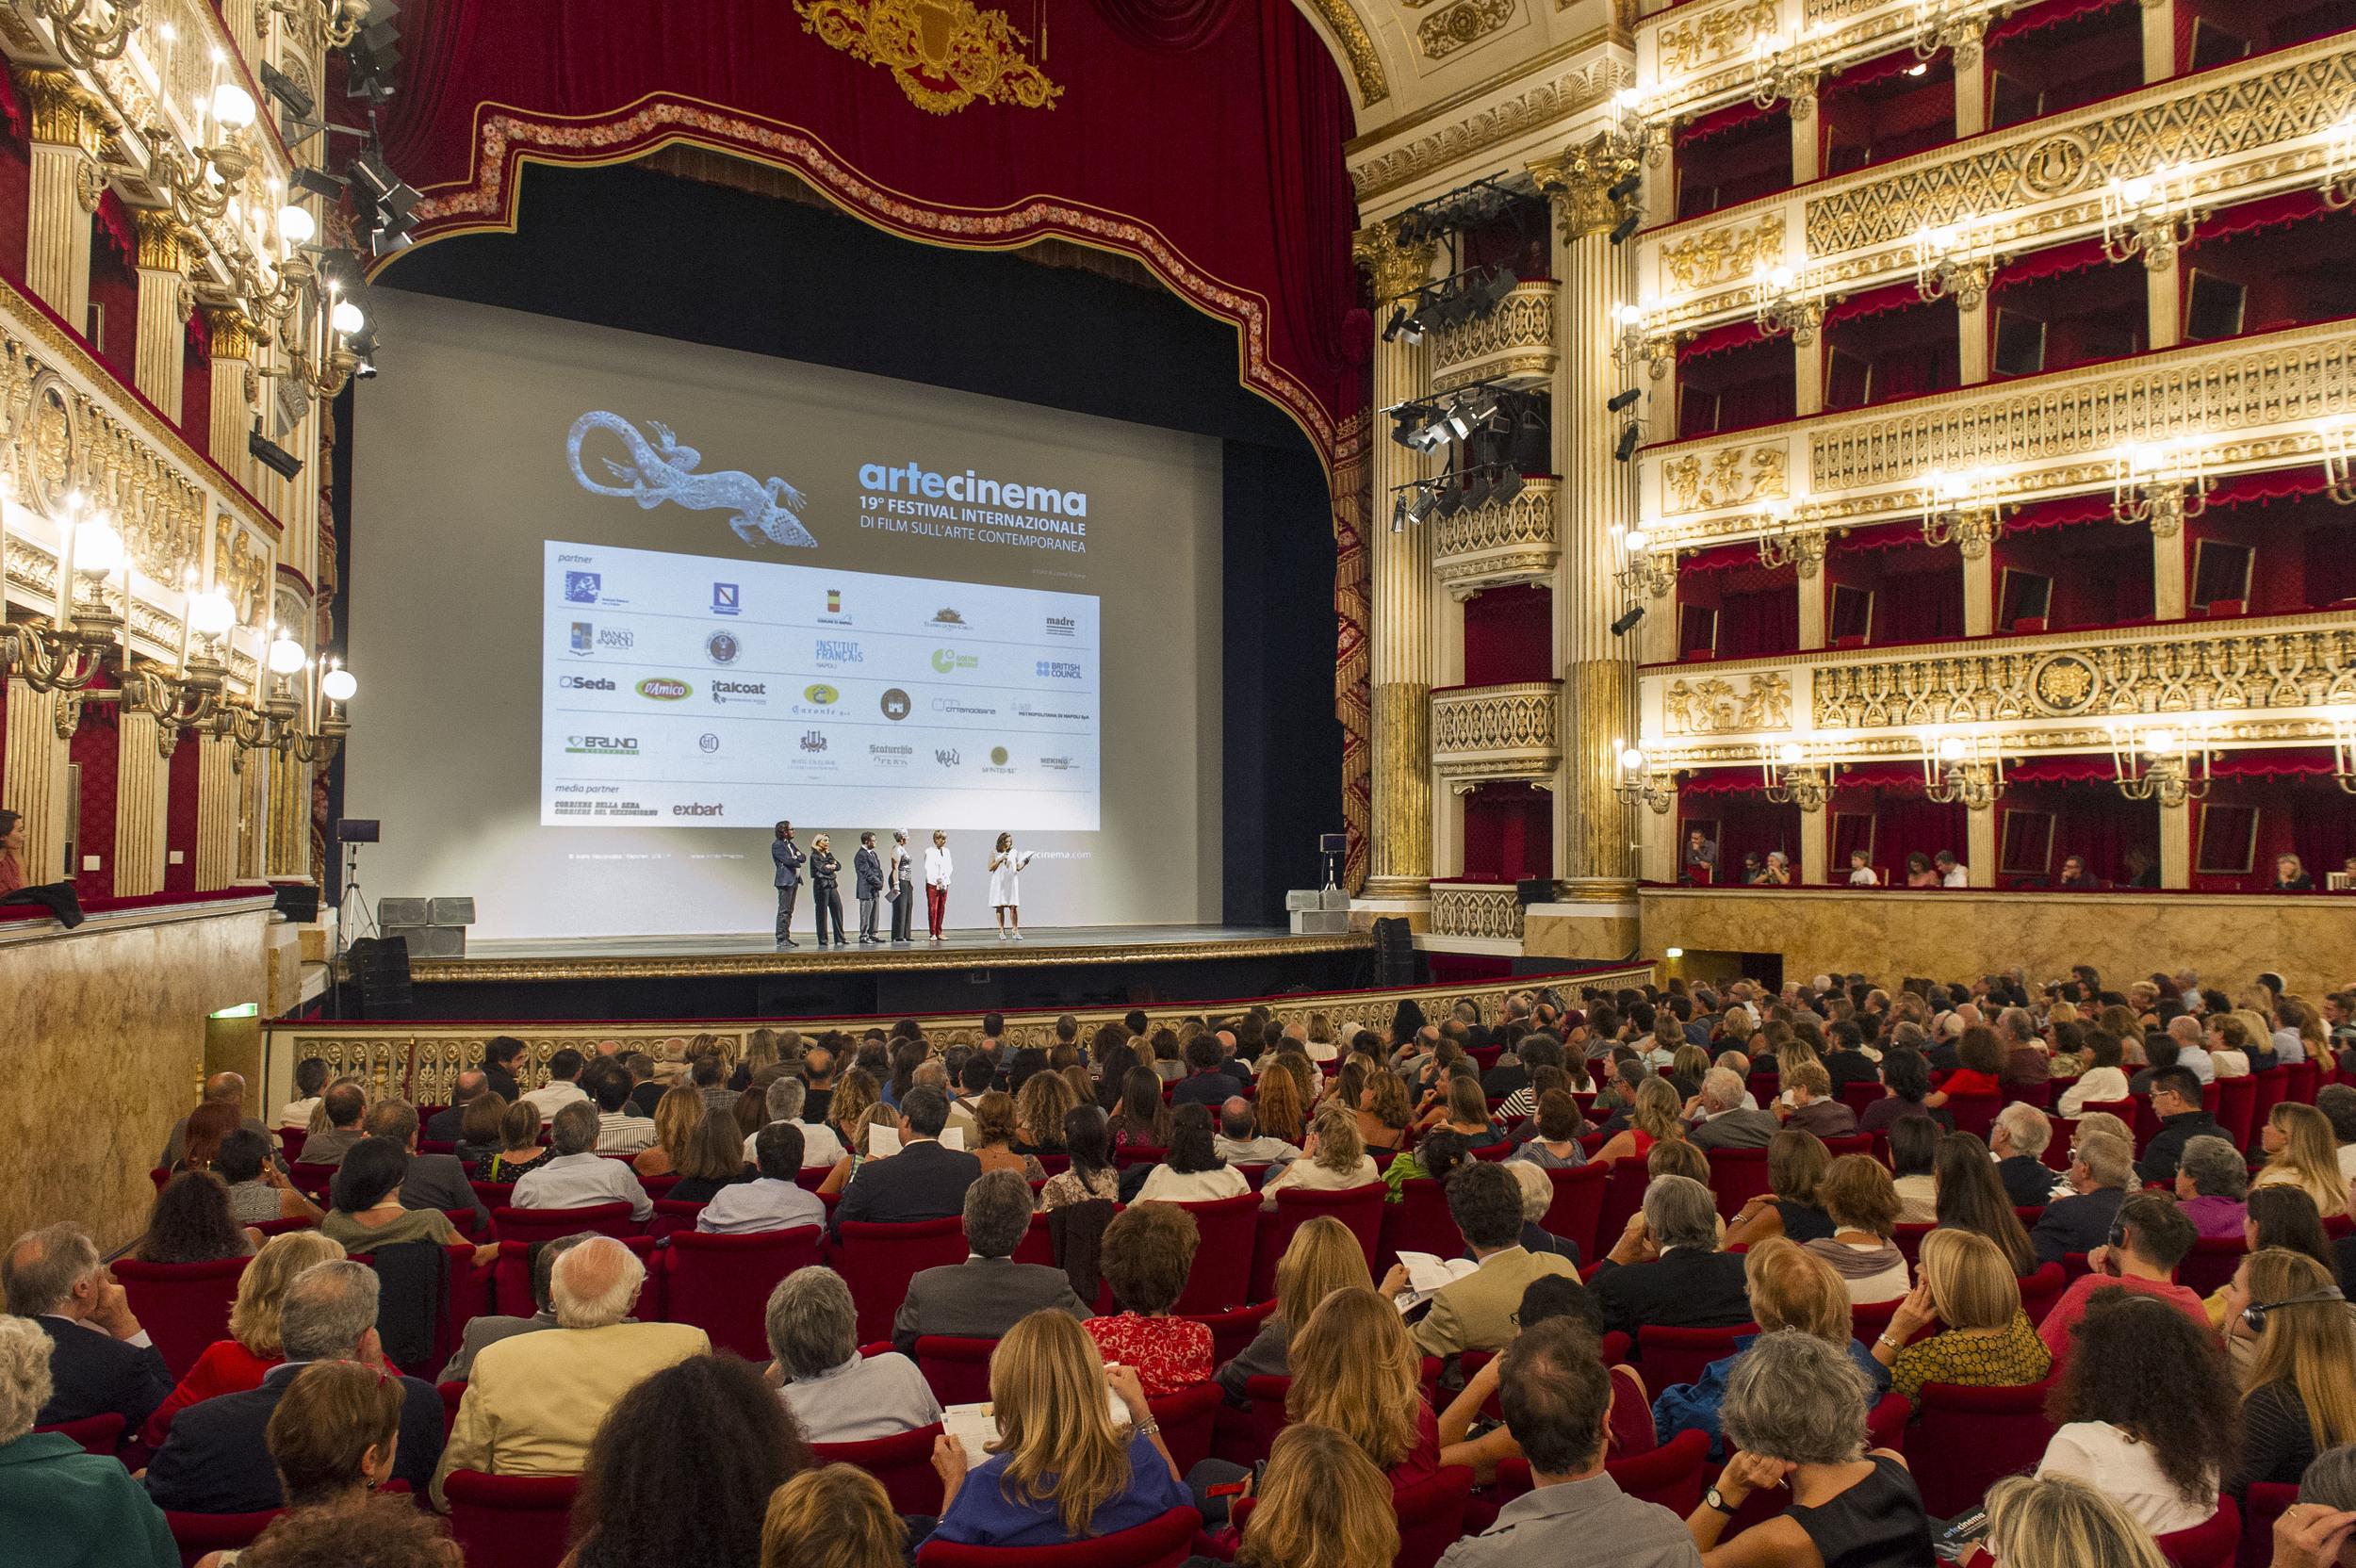 Teatro San Carlo, inaugurazione, 16 ottobre 2014